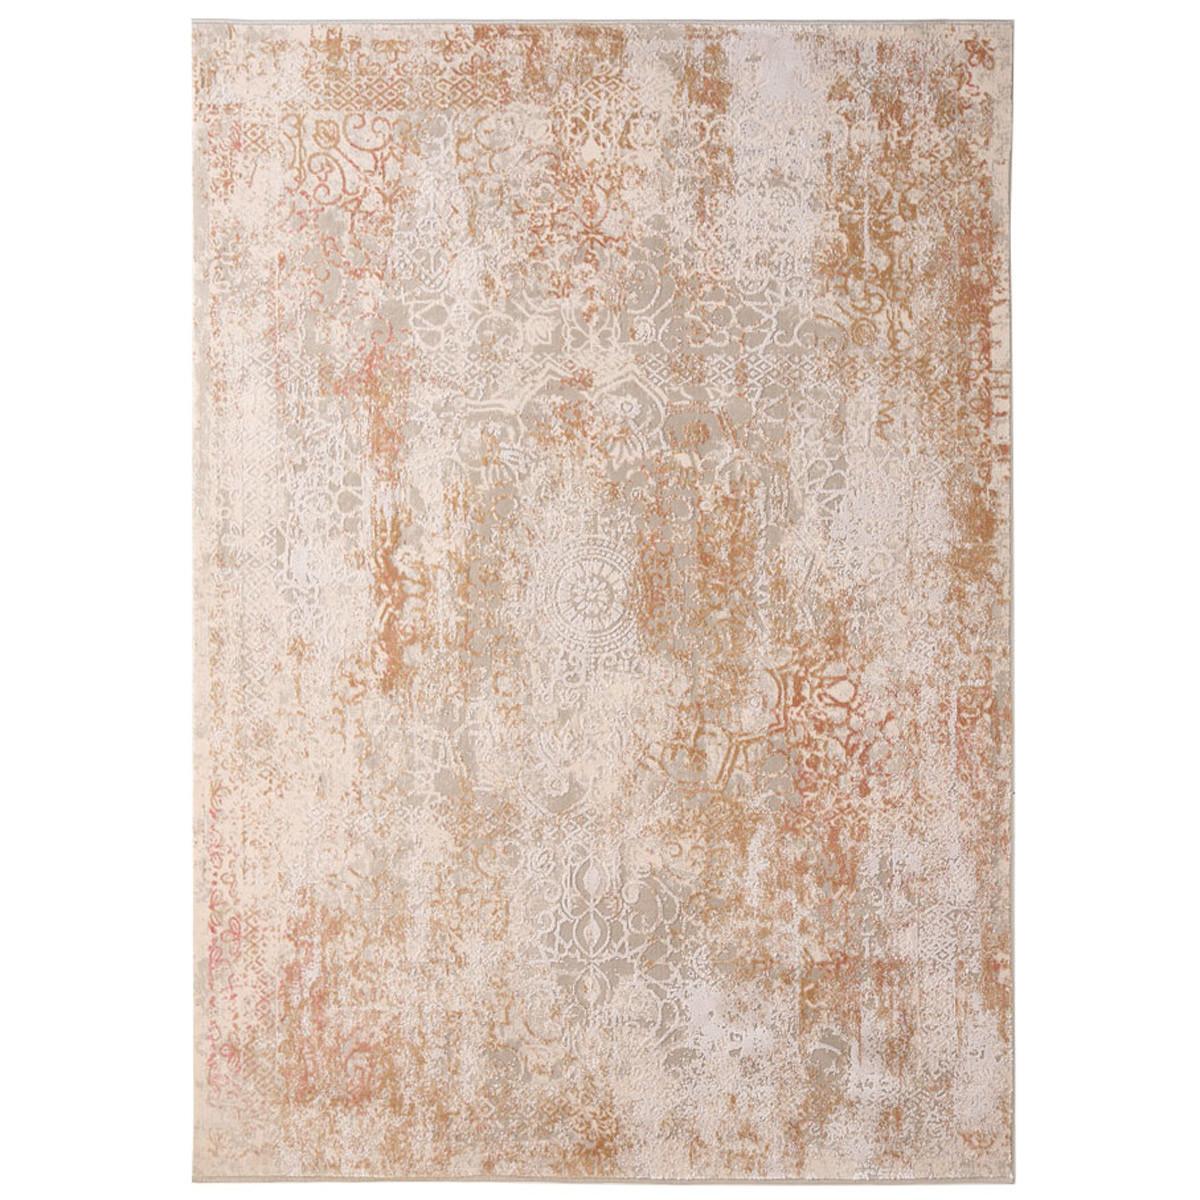 Χαλιά Κρεβατοκάμαρας (Σετ 3τμχ) Royal Carpets Vogue 226 Beige